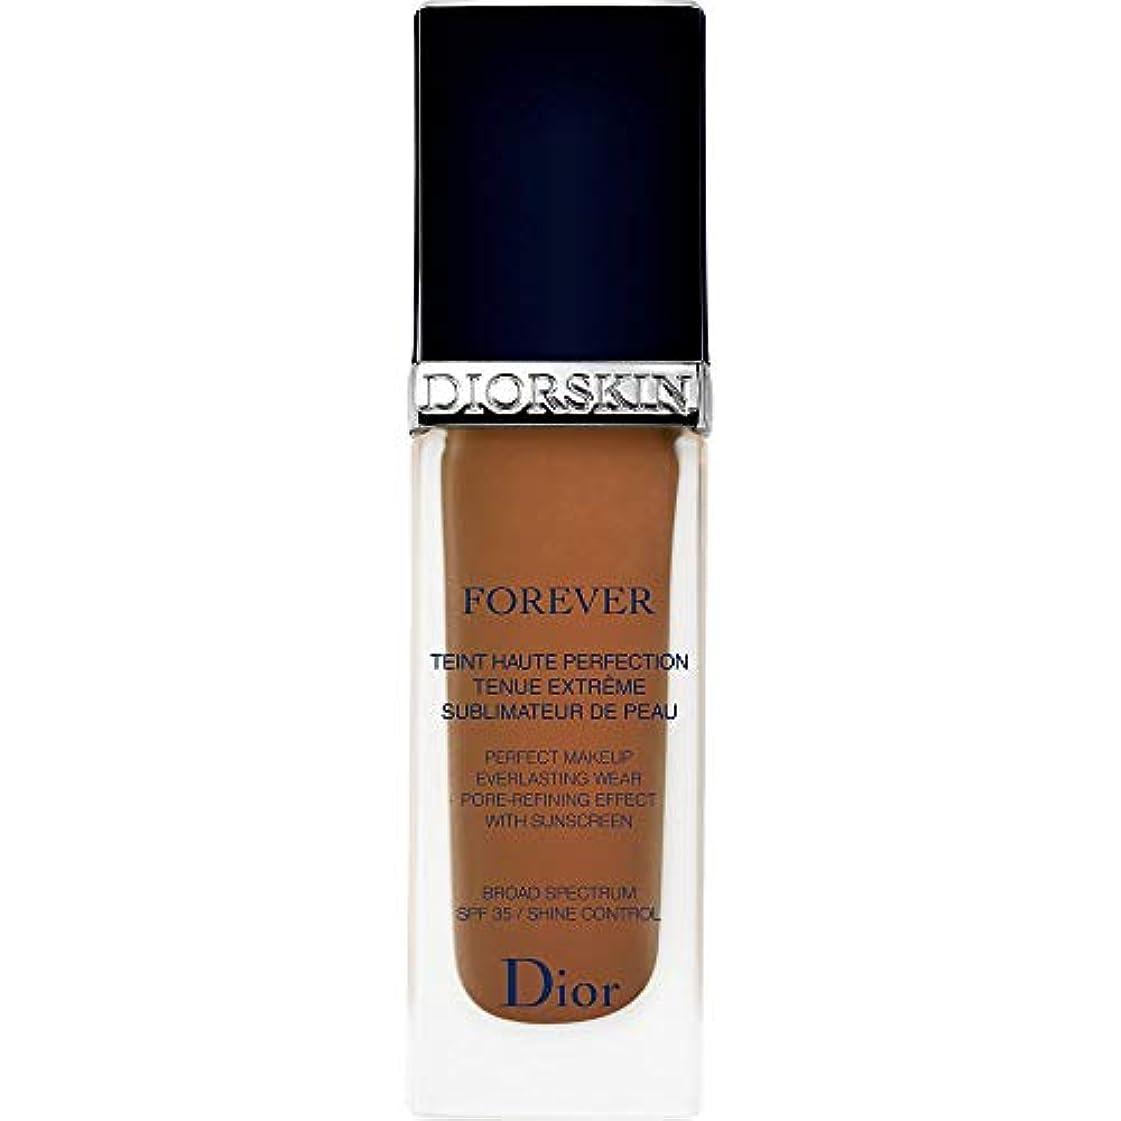 永遠の協力的軍隊[Dior ] ディオールディオールスキン永遠基礎Spf35 30ミリリットル070 - ダークブラウン - DIOR Diorskin Forever Foundation SPF35 30ml 070 - Dark...